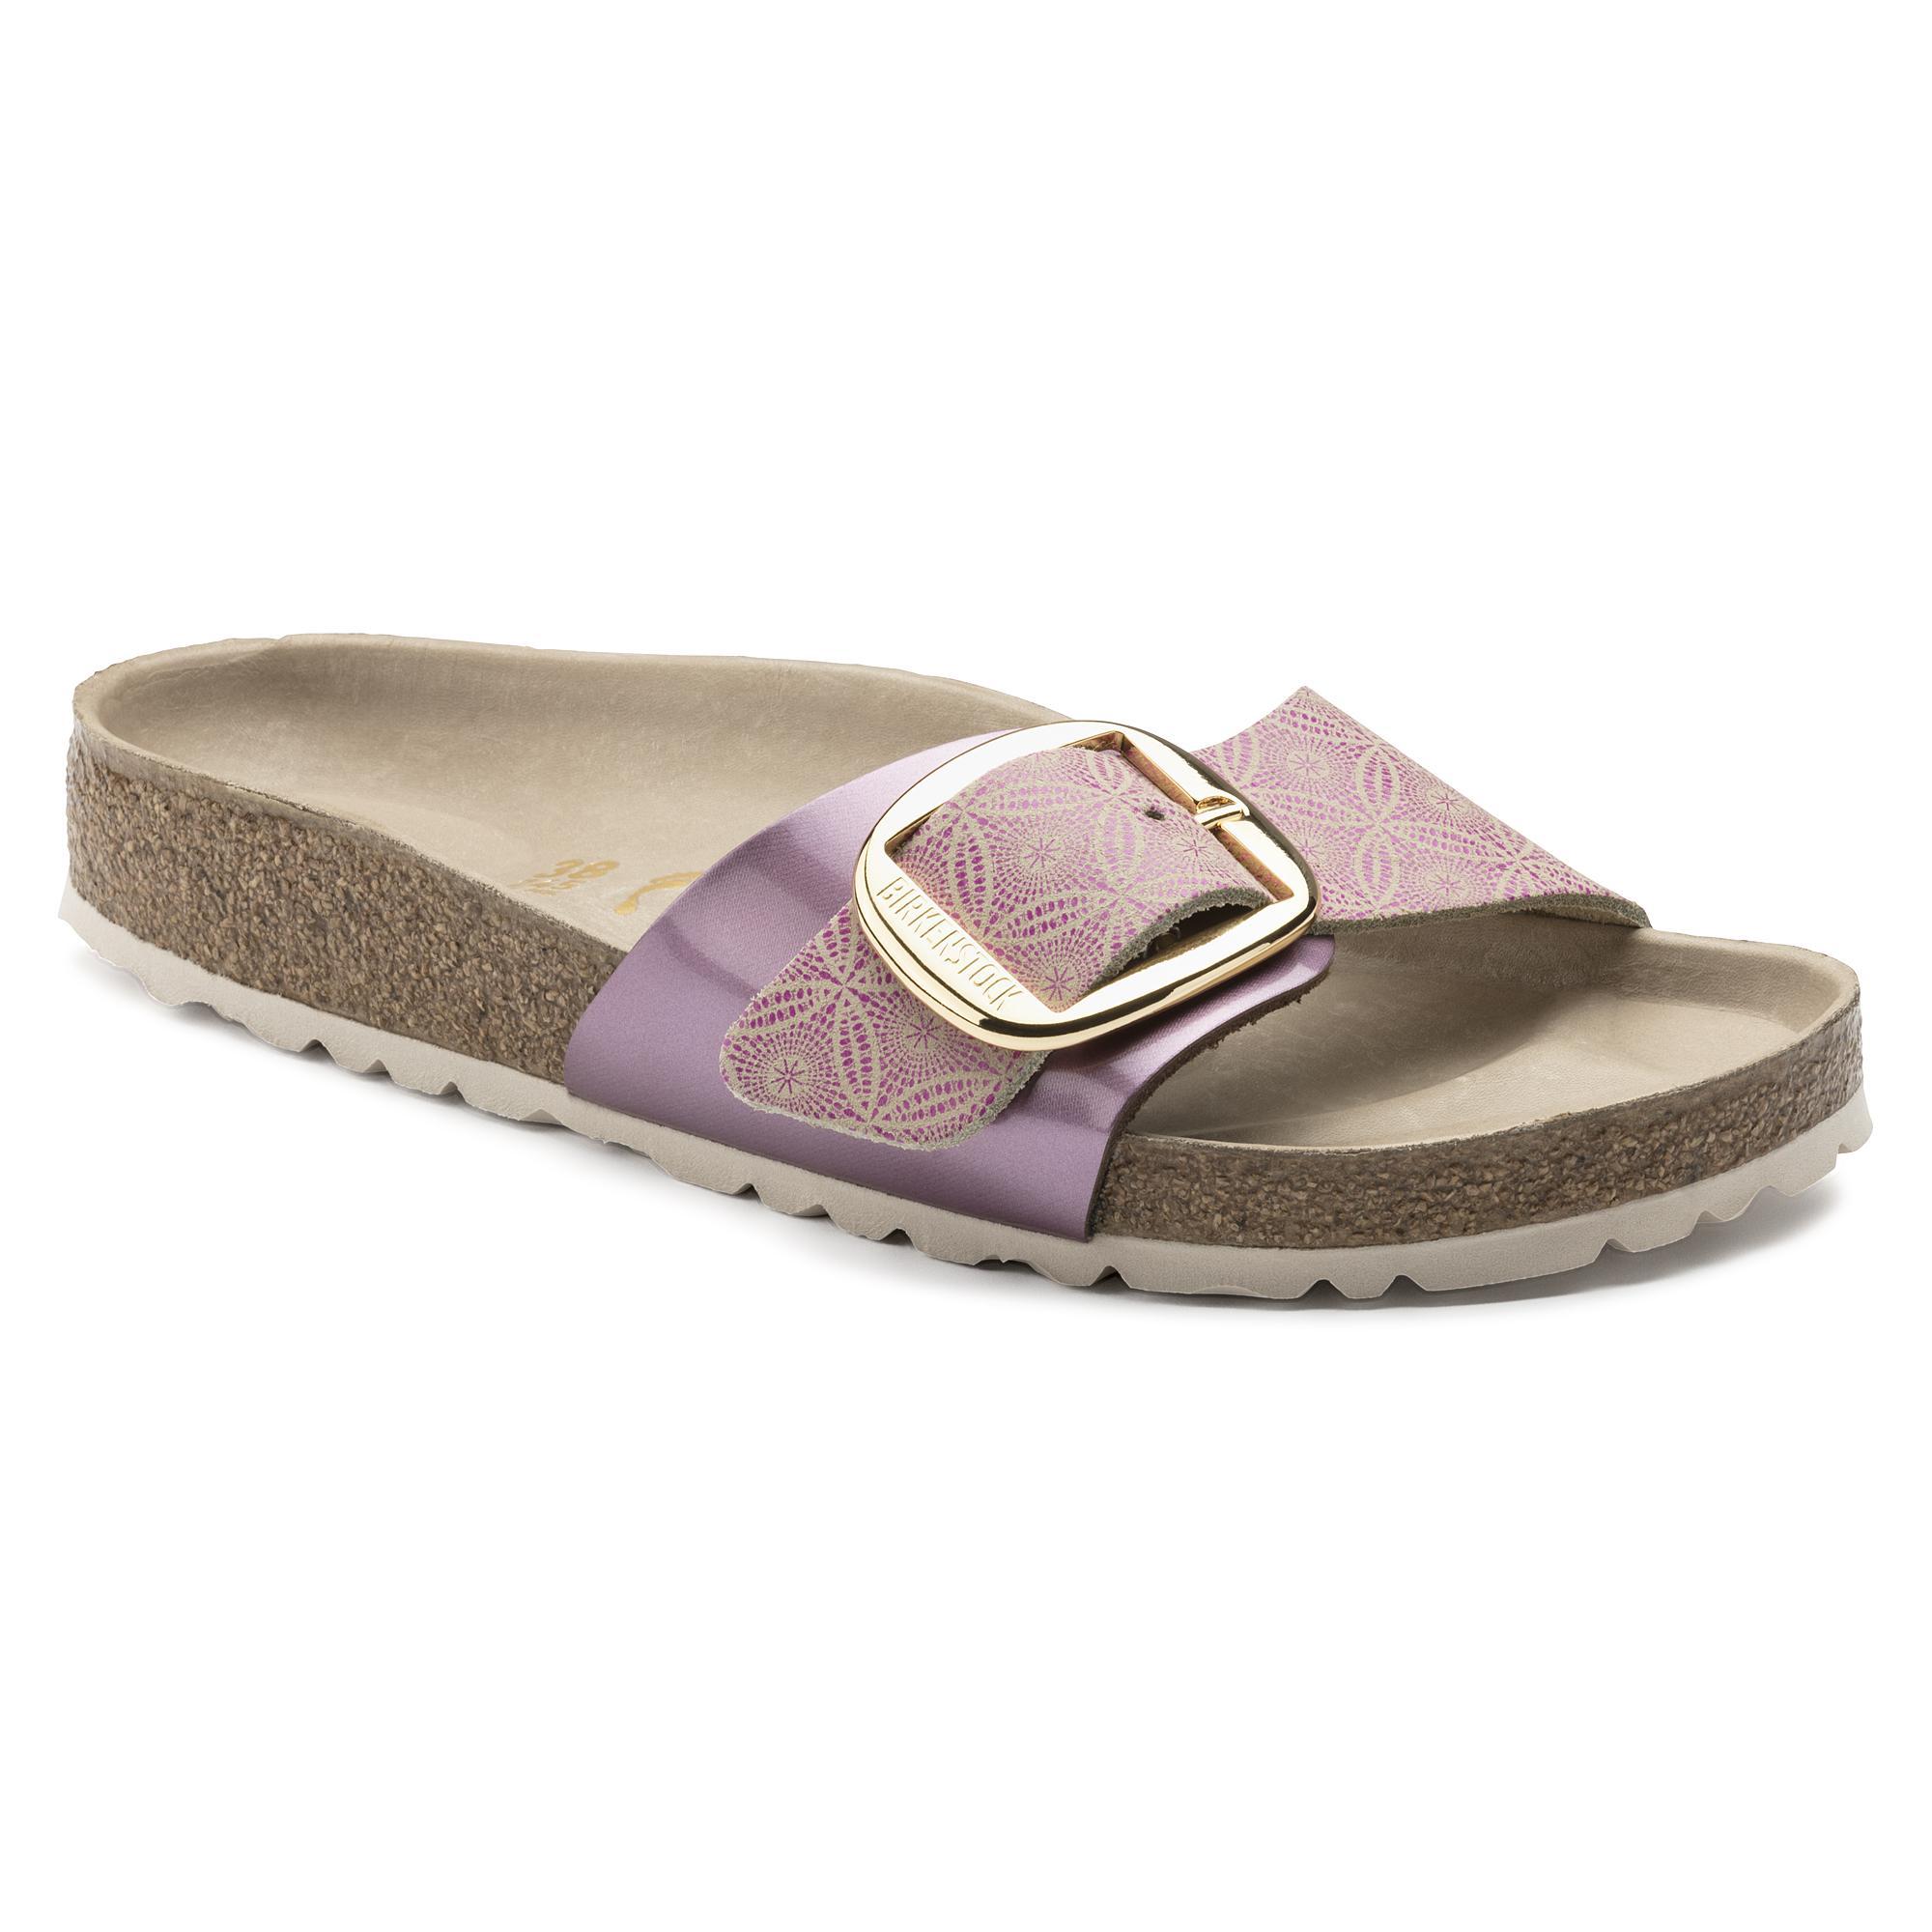 d0f7f5d67e39b Flat Sandals for Women for sale - Summer Sandals online brands ...